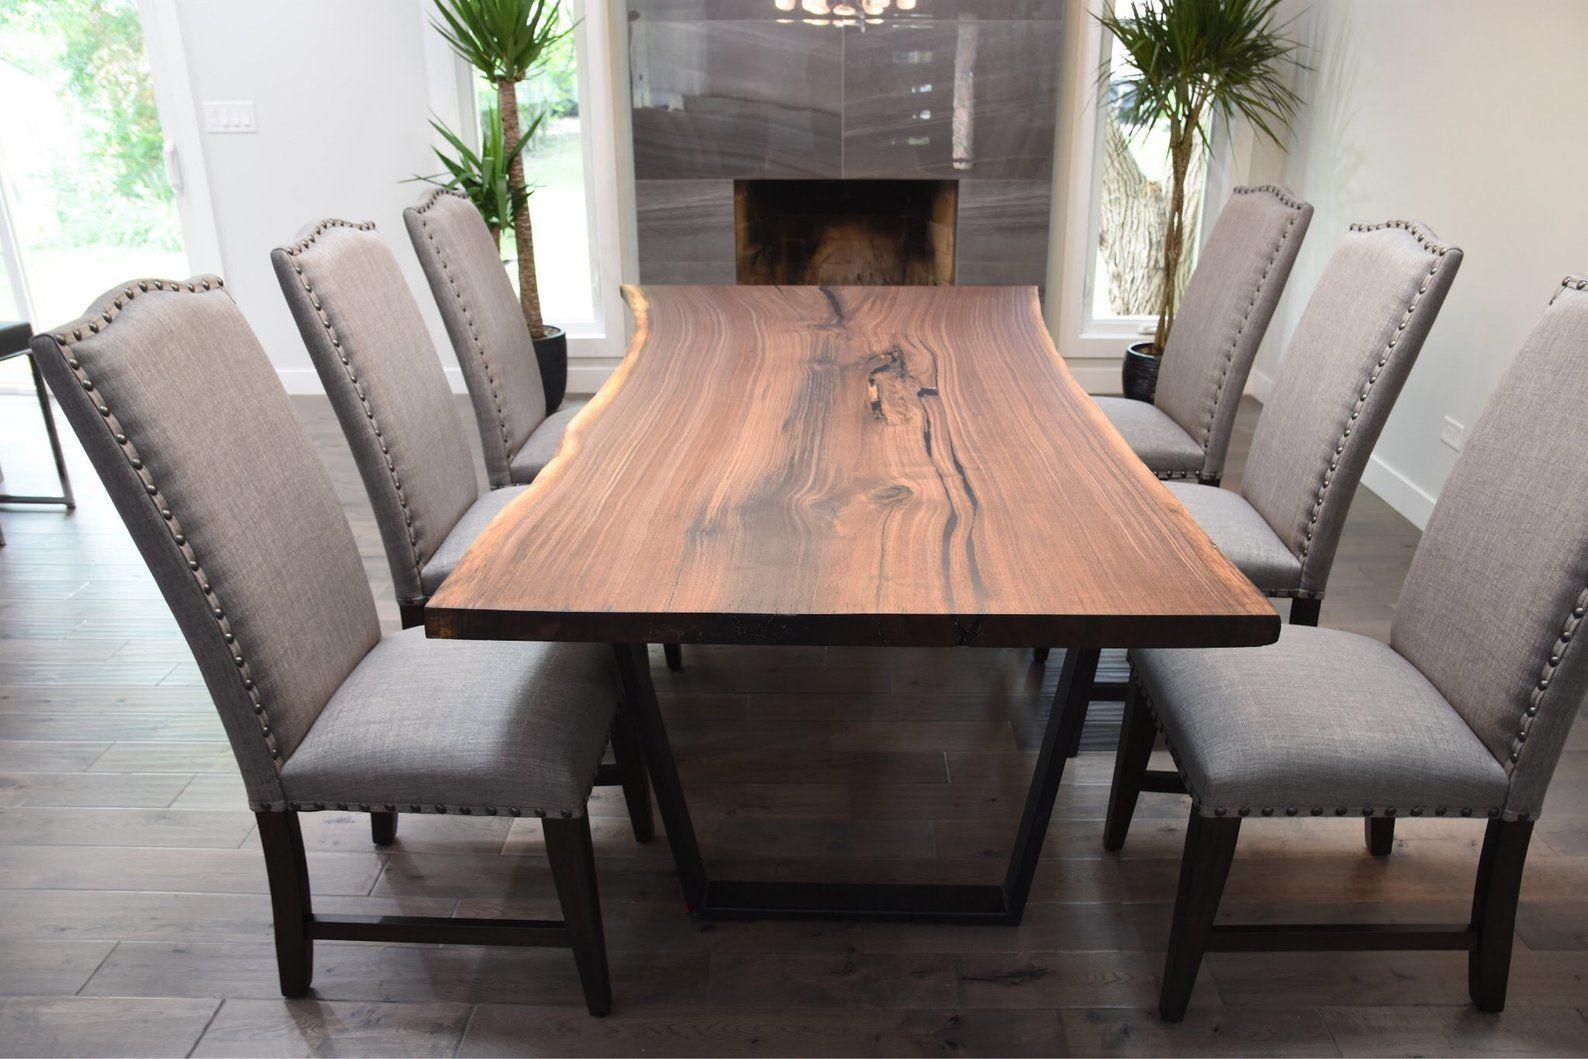 Single Slab Black Walnut Live Edge Dining Table Live Edge Dining Table Dining Table Walnut Dining Table